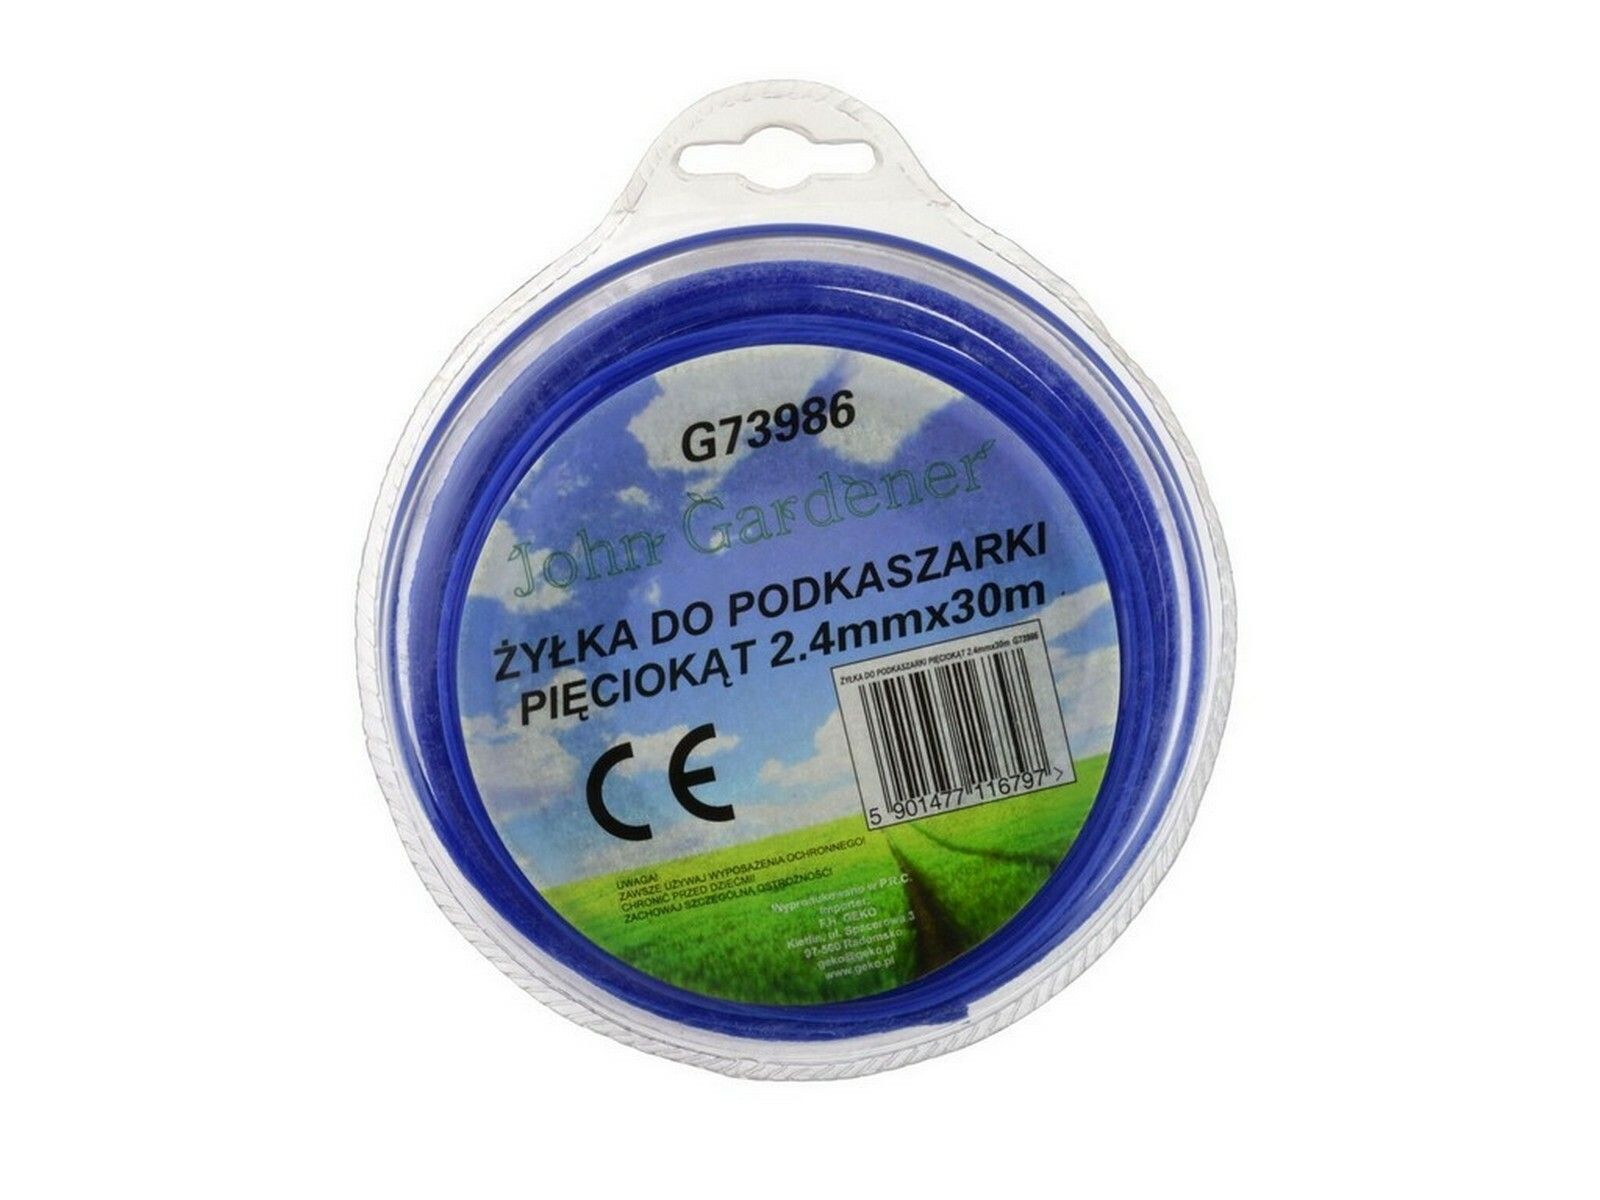 Struna do sekačky modrá, 2,4mm, 30m, hvězdivocý profil, nylon, GEKO